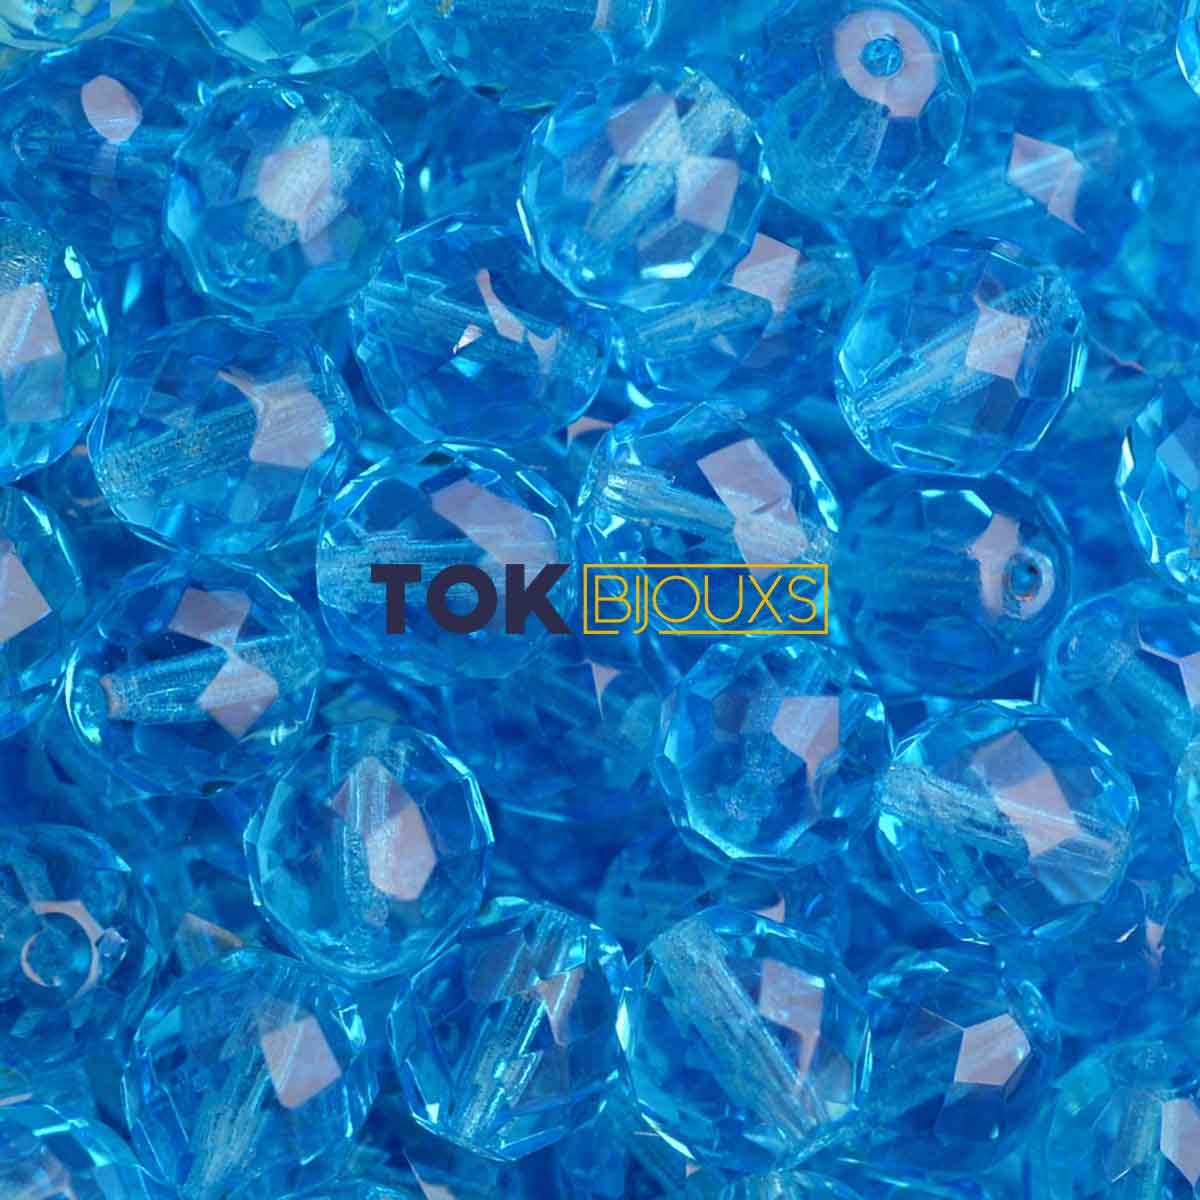 Cristal Jablonex / Preciosa ® 8mm - Azul Claro Transparente - Unidade